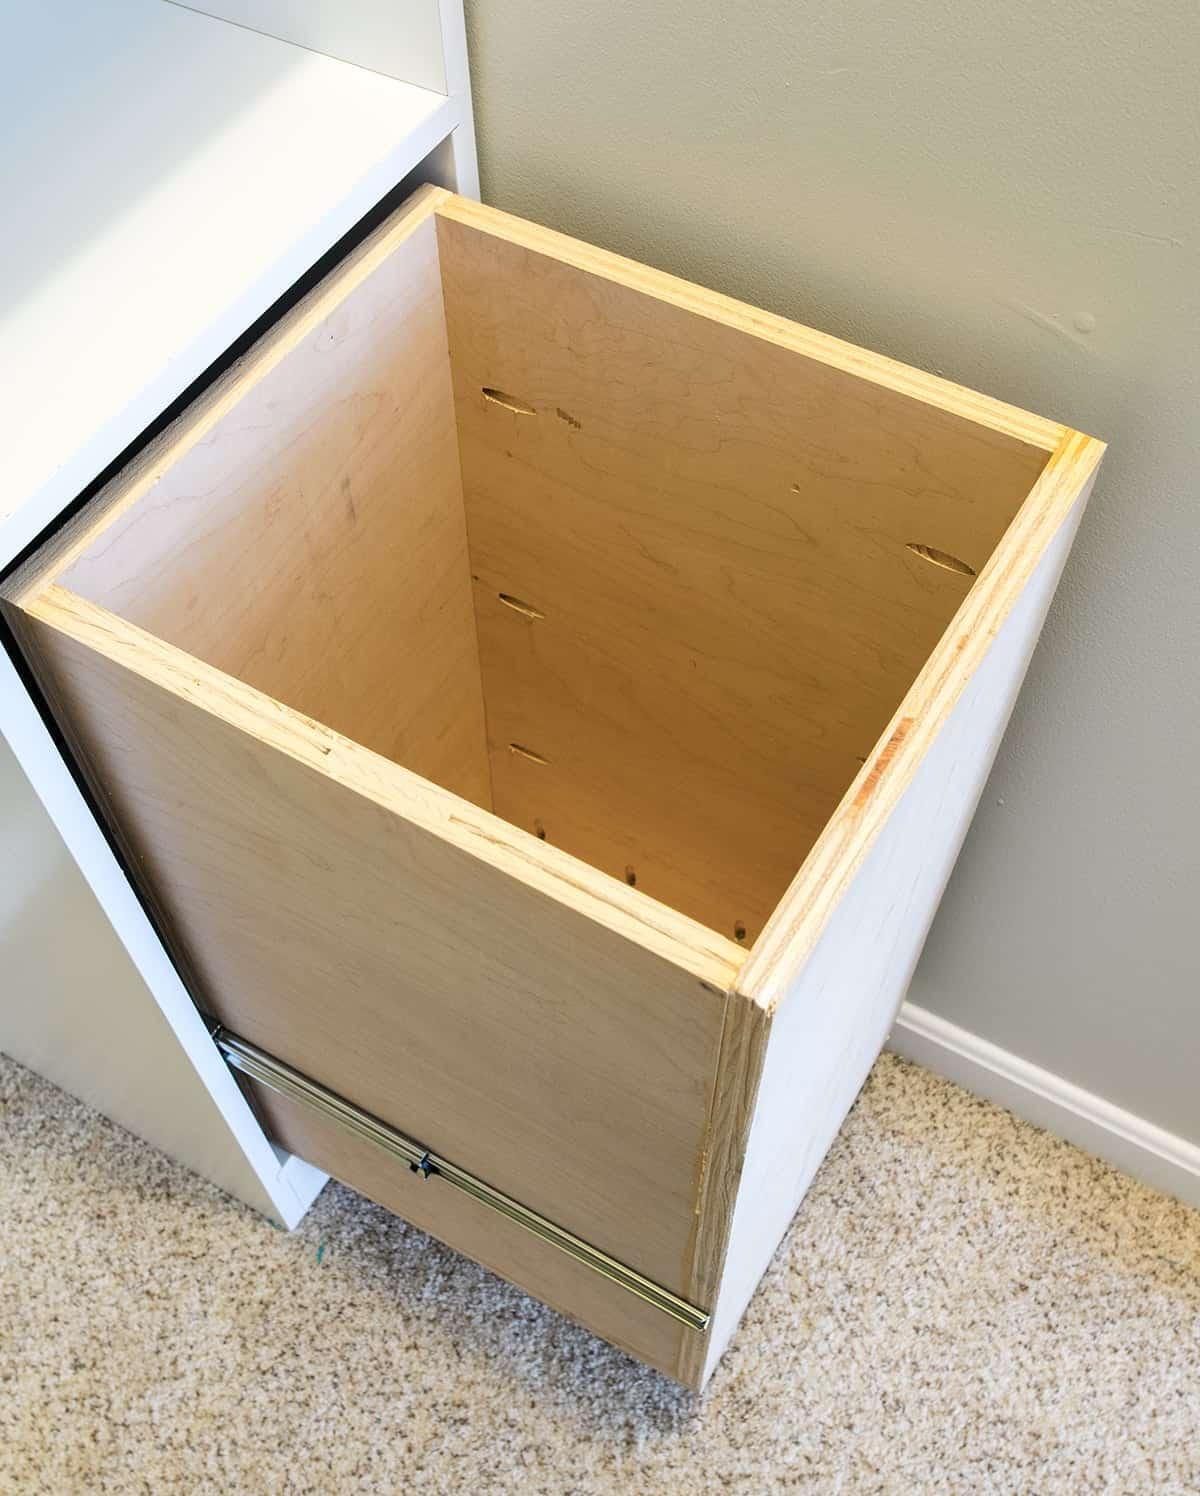 Built-in laundry basket in white custom built bedroom closet